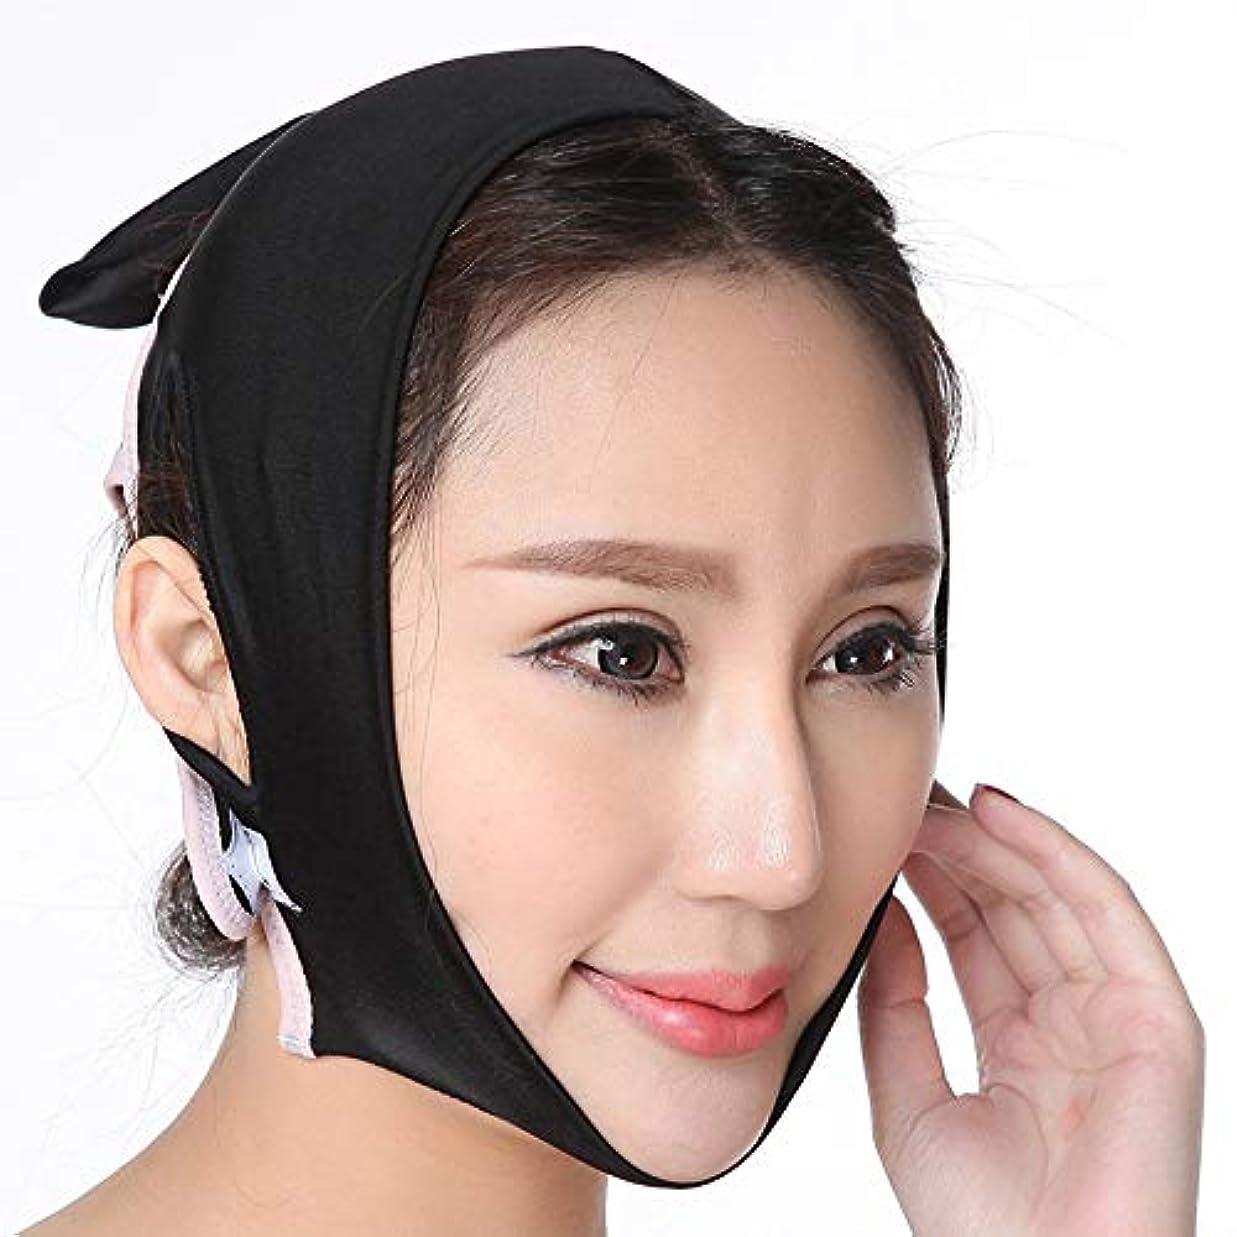 持ってる構成する乳剤Vの顔の睡眠の薄い顔、アンチリンクルマスクダブル顎の包帯リフティングパーマネントアーチファクト,XL